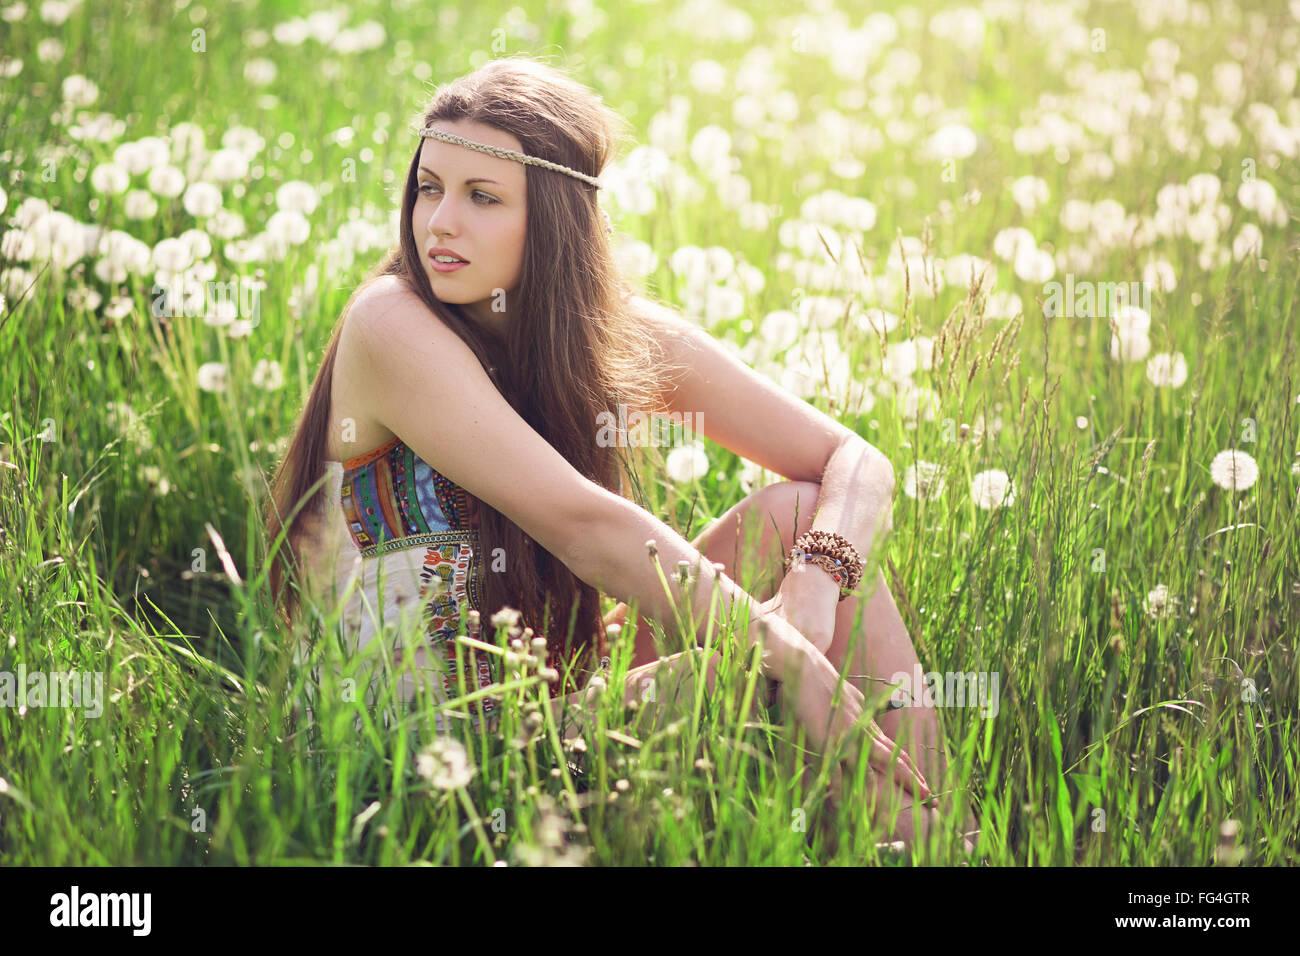 Bella mujer en un prado florido . Naturaleza, armonía y libertad Imagen De Stock